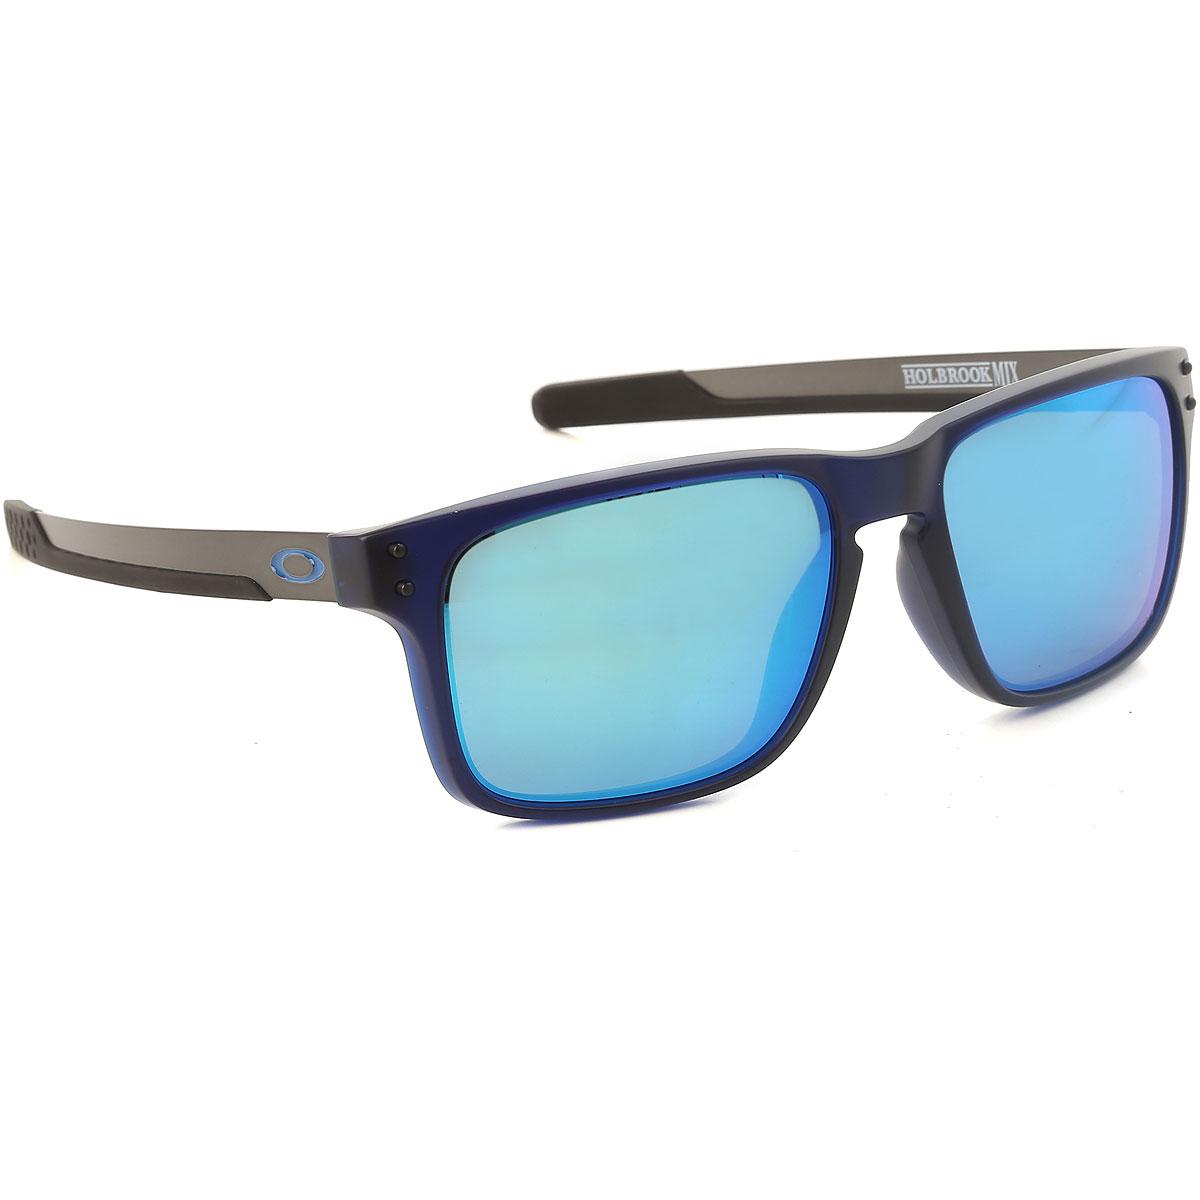 Oakley Sunglasses On Sale, Blue, 2019